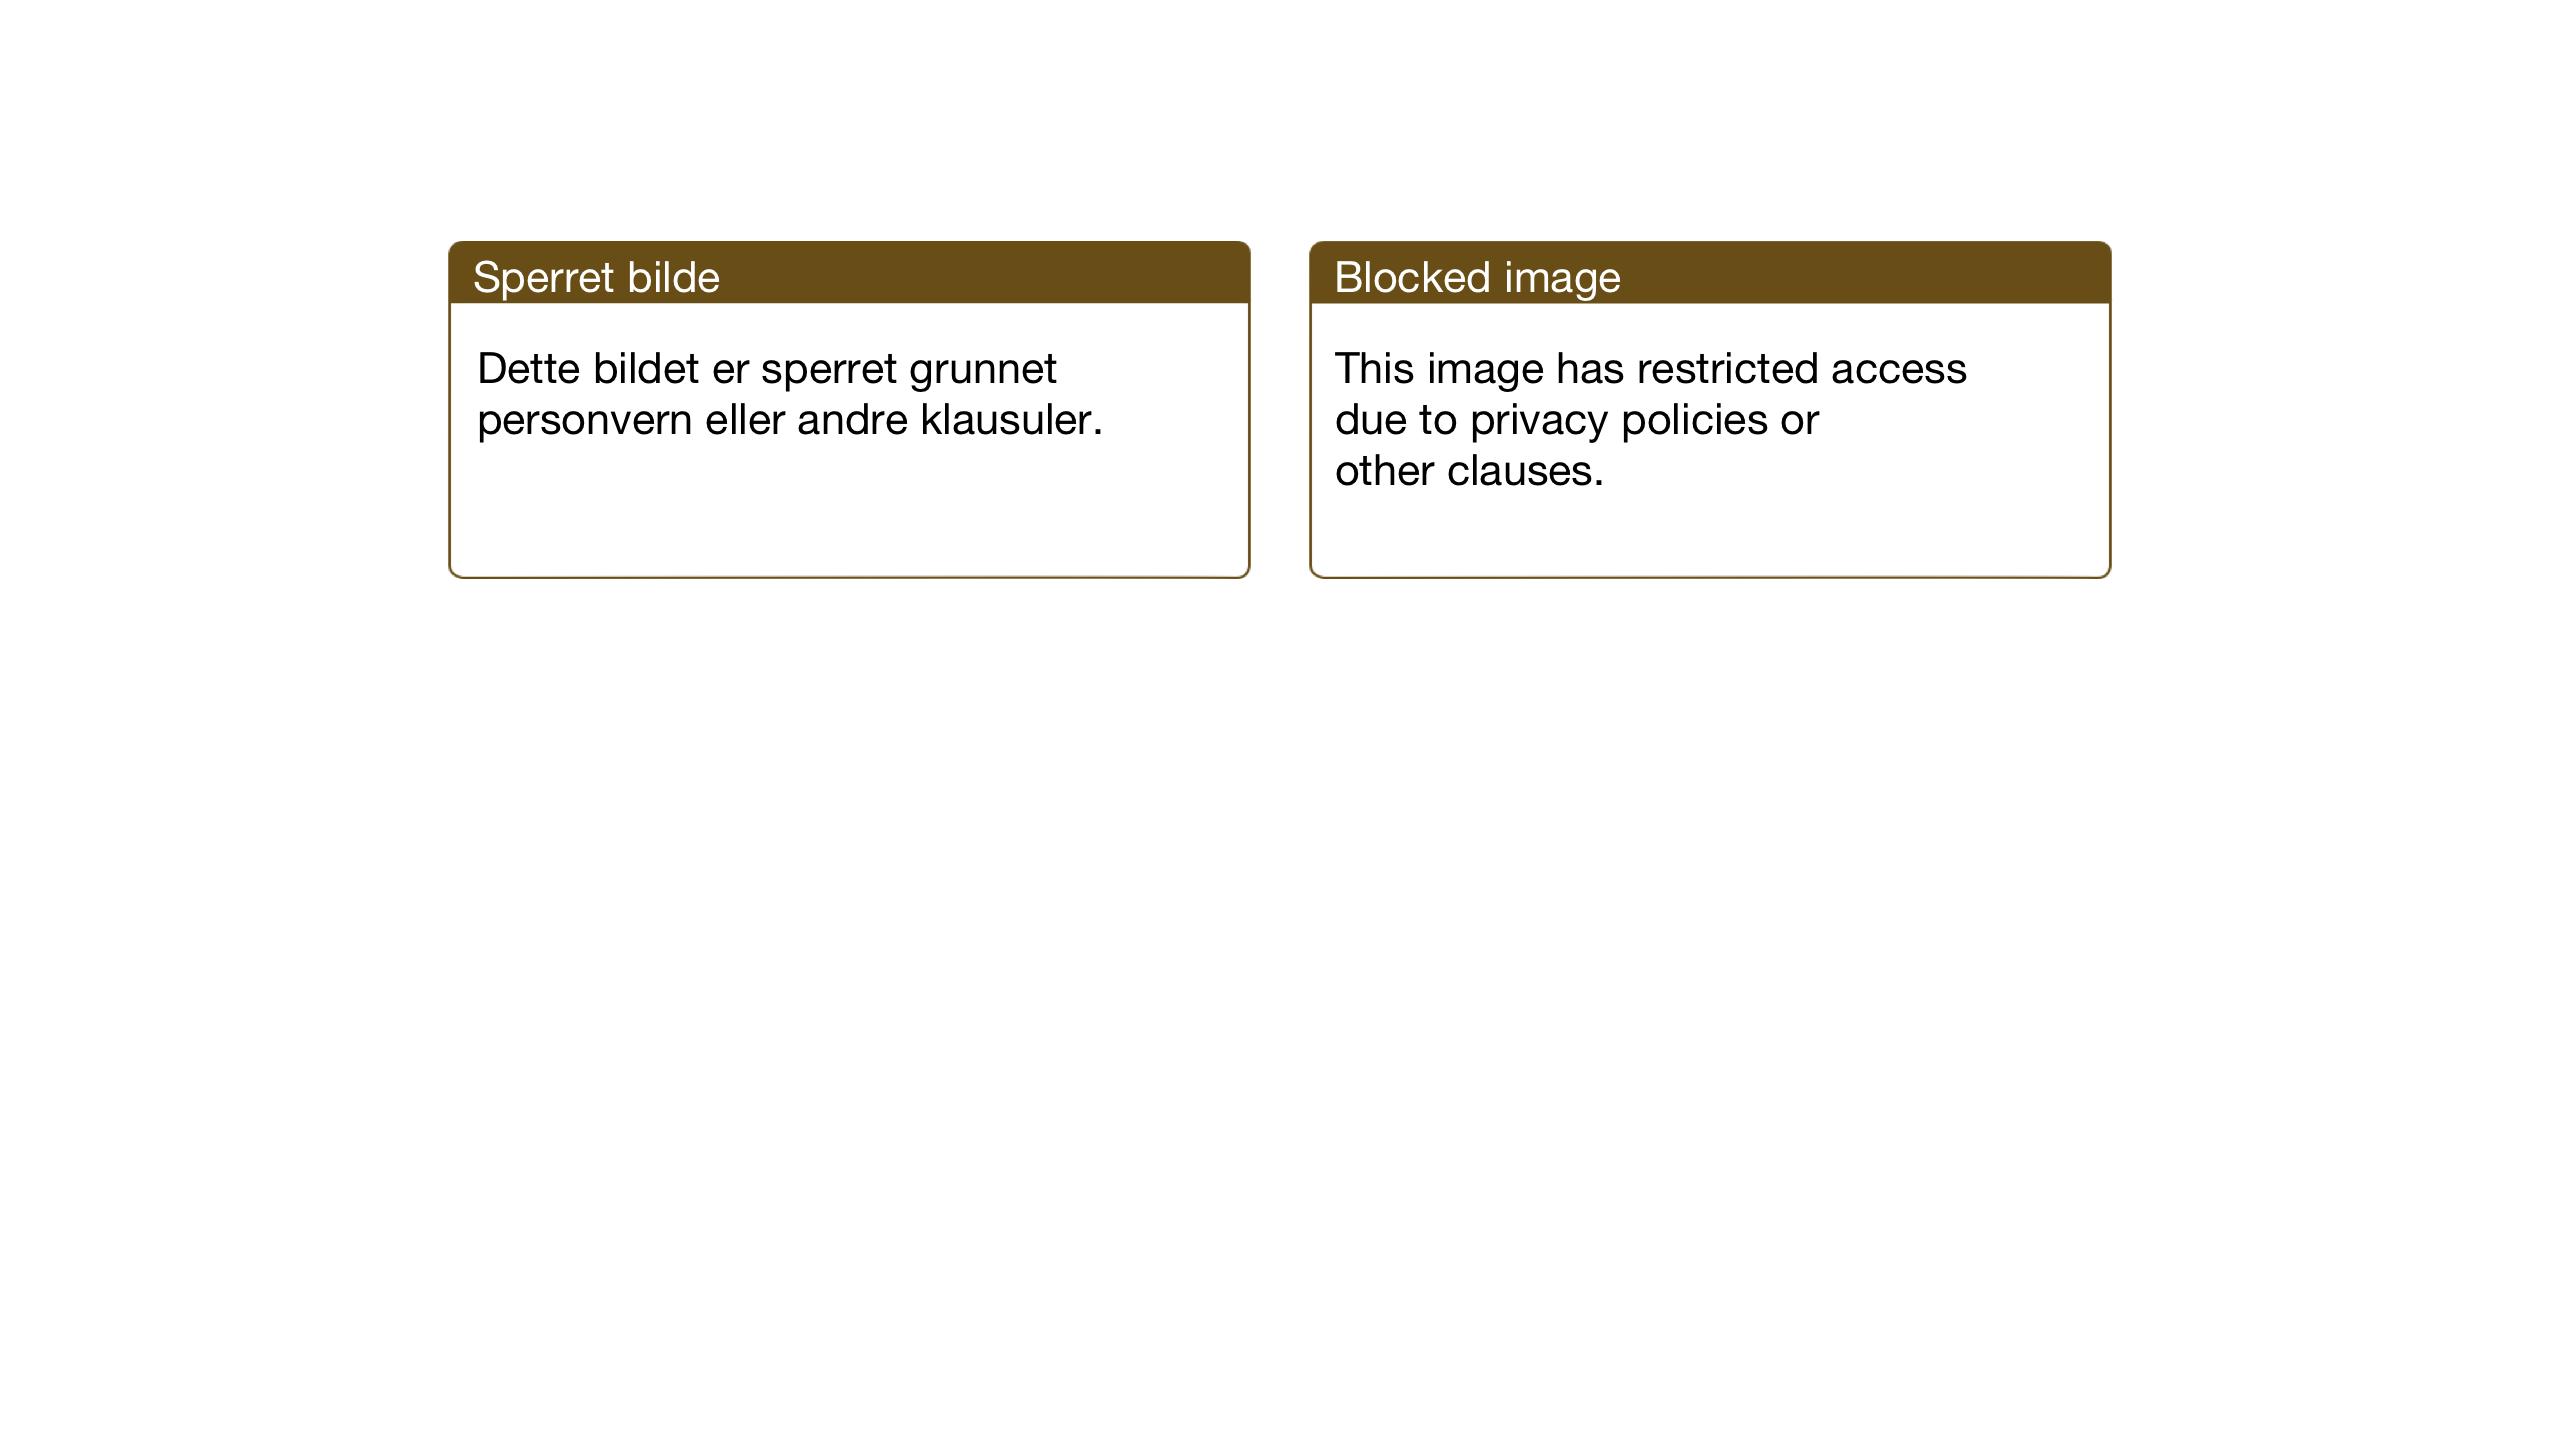 SAT, Ministerialprotokoller, klokkerbøker og fødselsregistre - Sør-Trøndelag, 681/L0943: Klokkerbok nr. 681C07, 1926-1954, s. 118